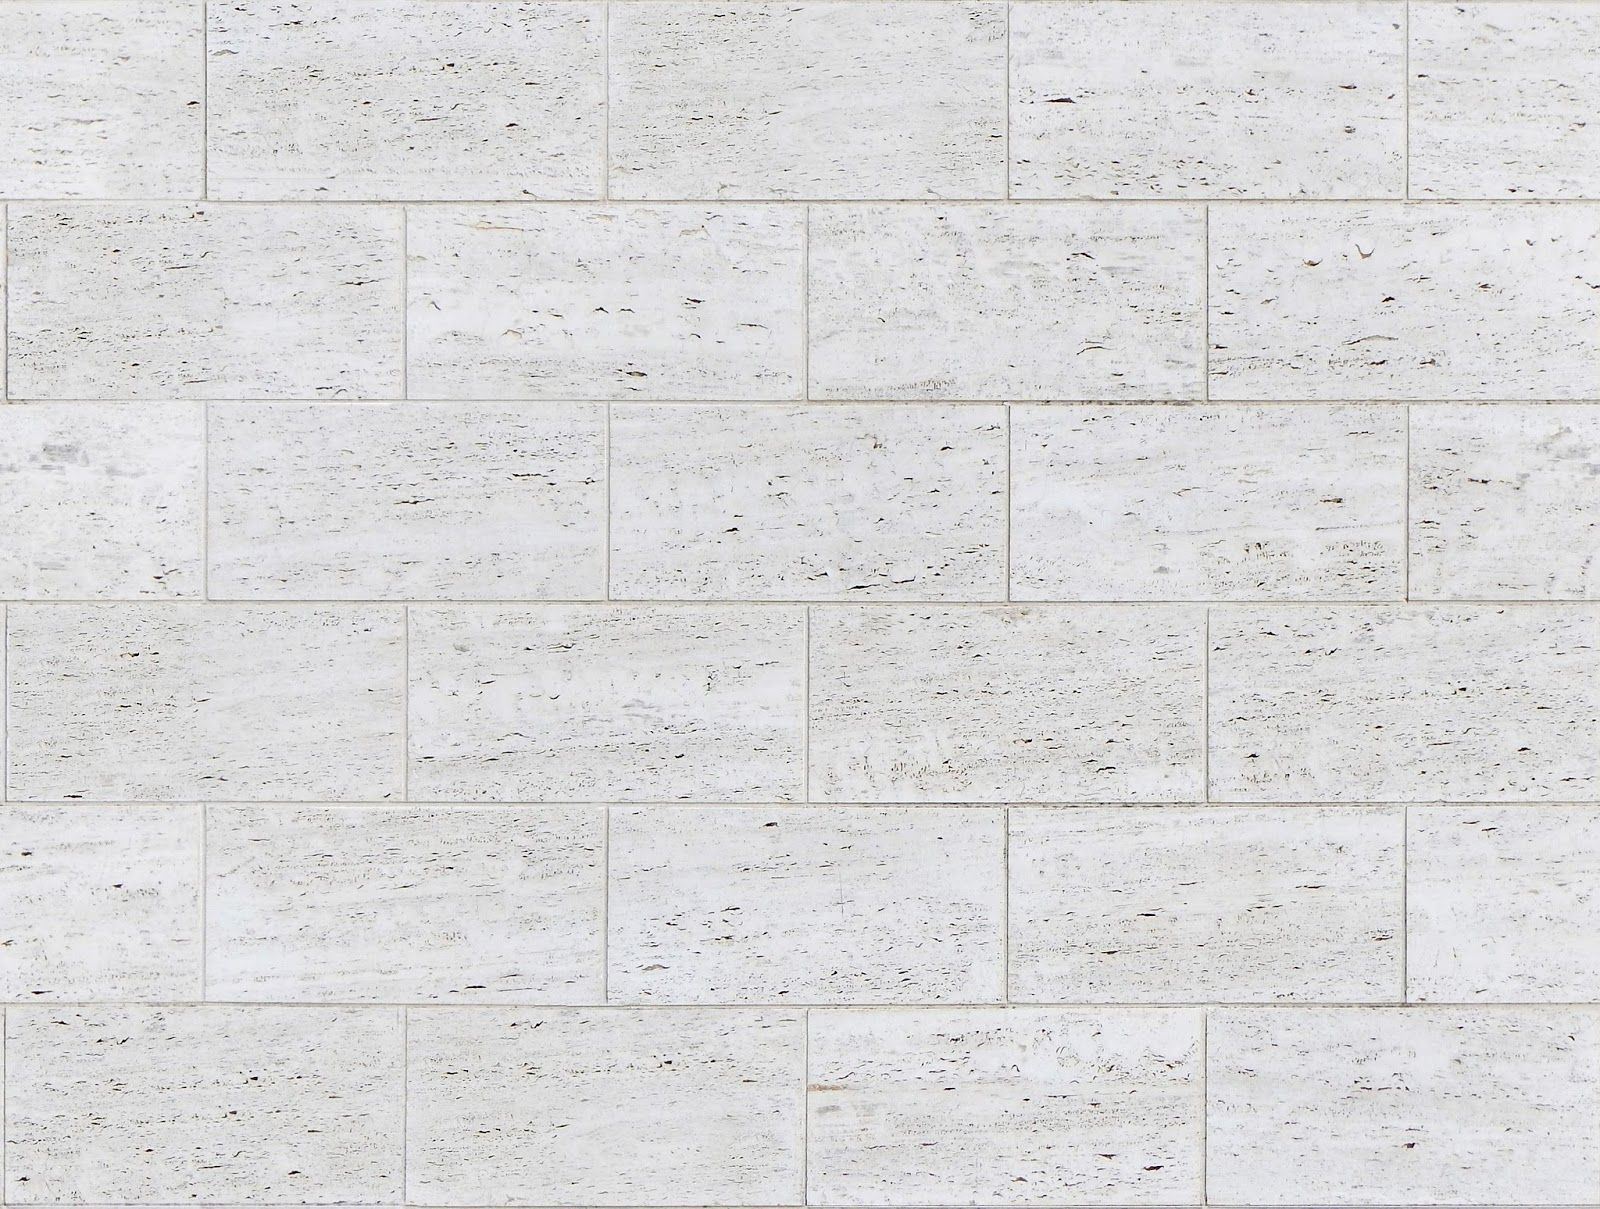 Tileable White Stone Texture | Texturise Free Seamless Textures With ...